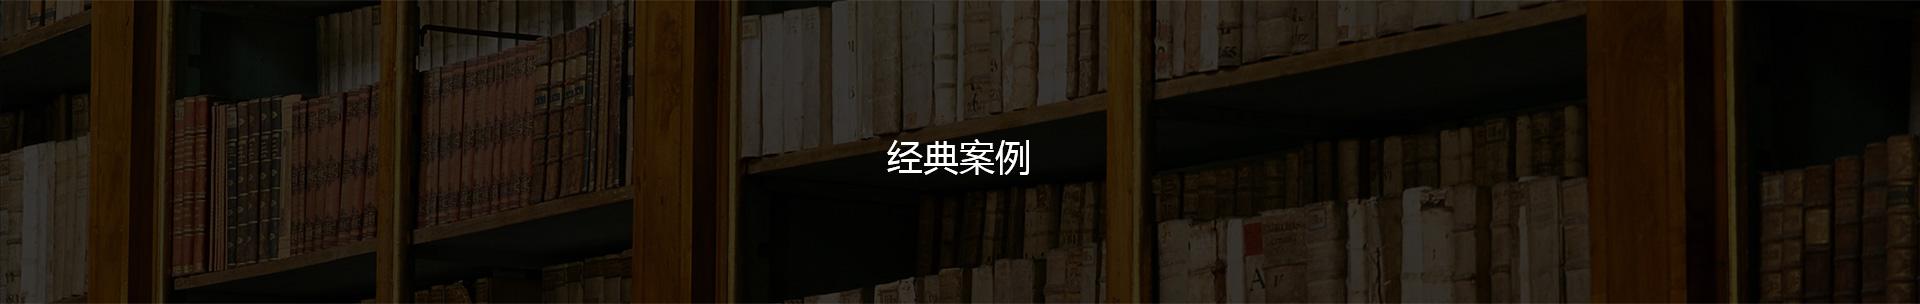 上海德和衡团队成功案例